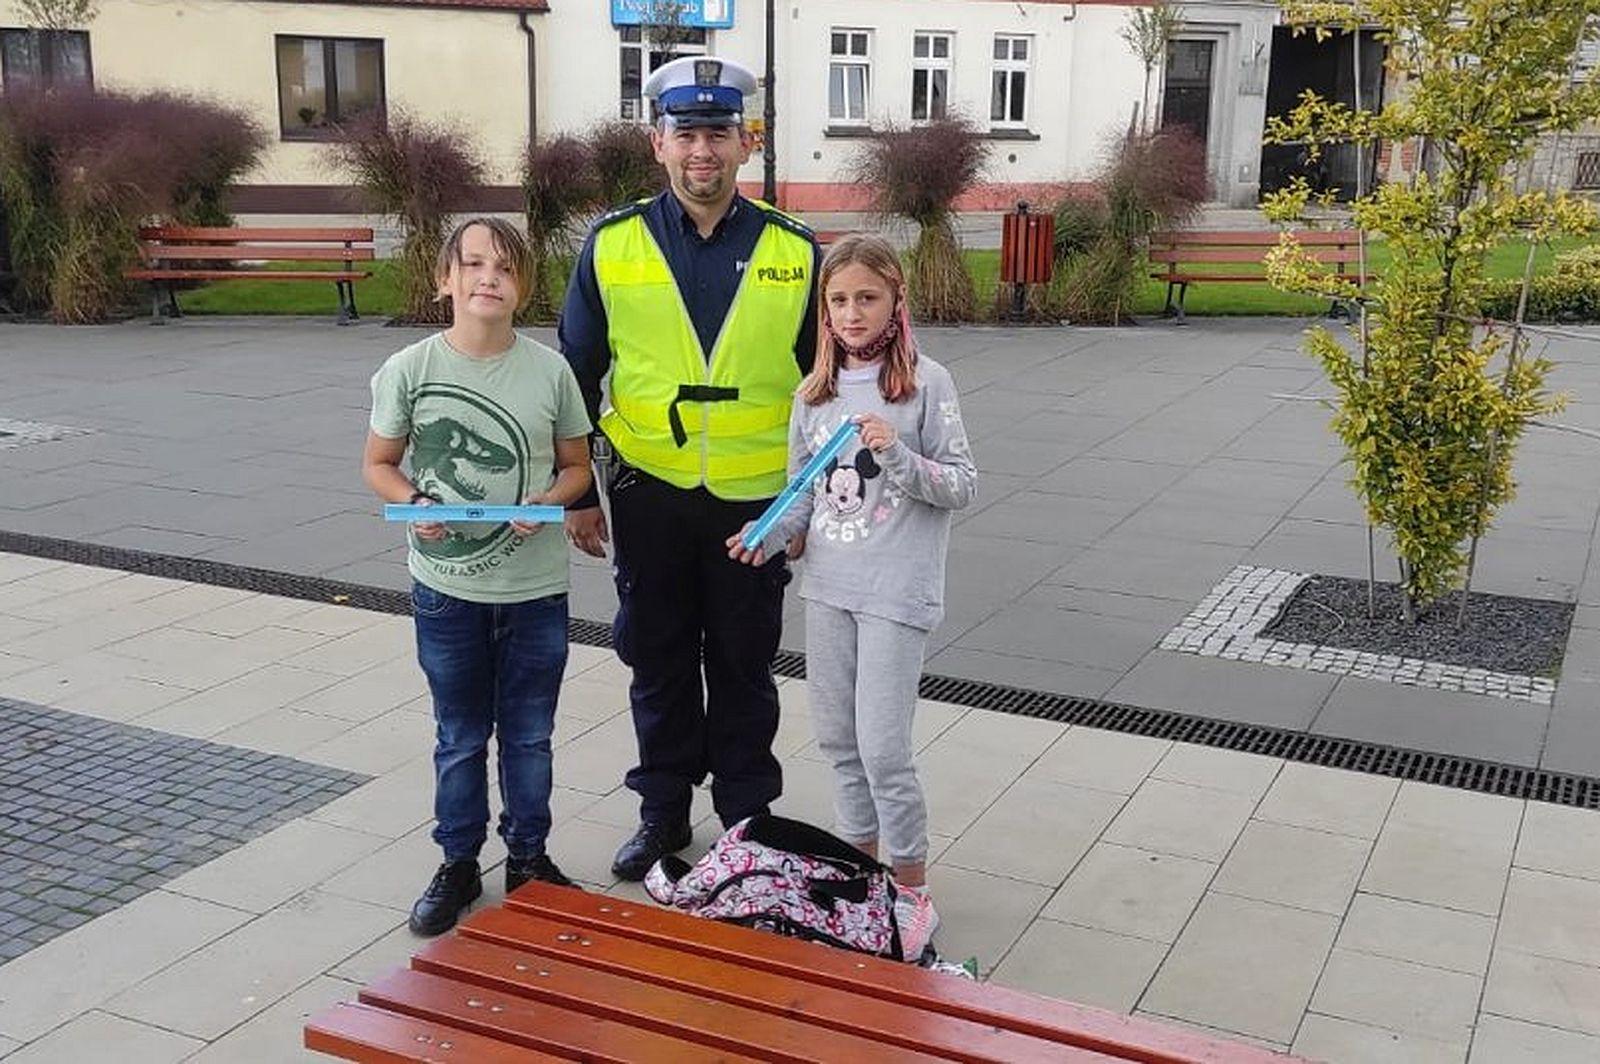 Pleszew. Ważna akcja policjantów. Rozdawali przy tym... prezenty - Zdjęcie główne